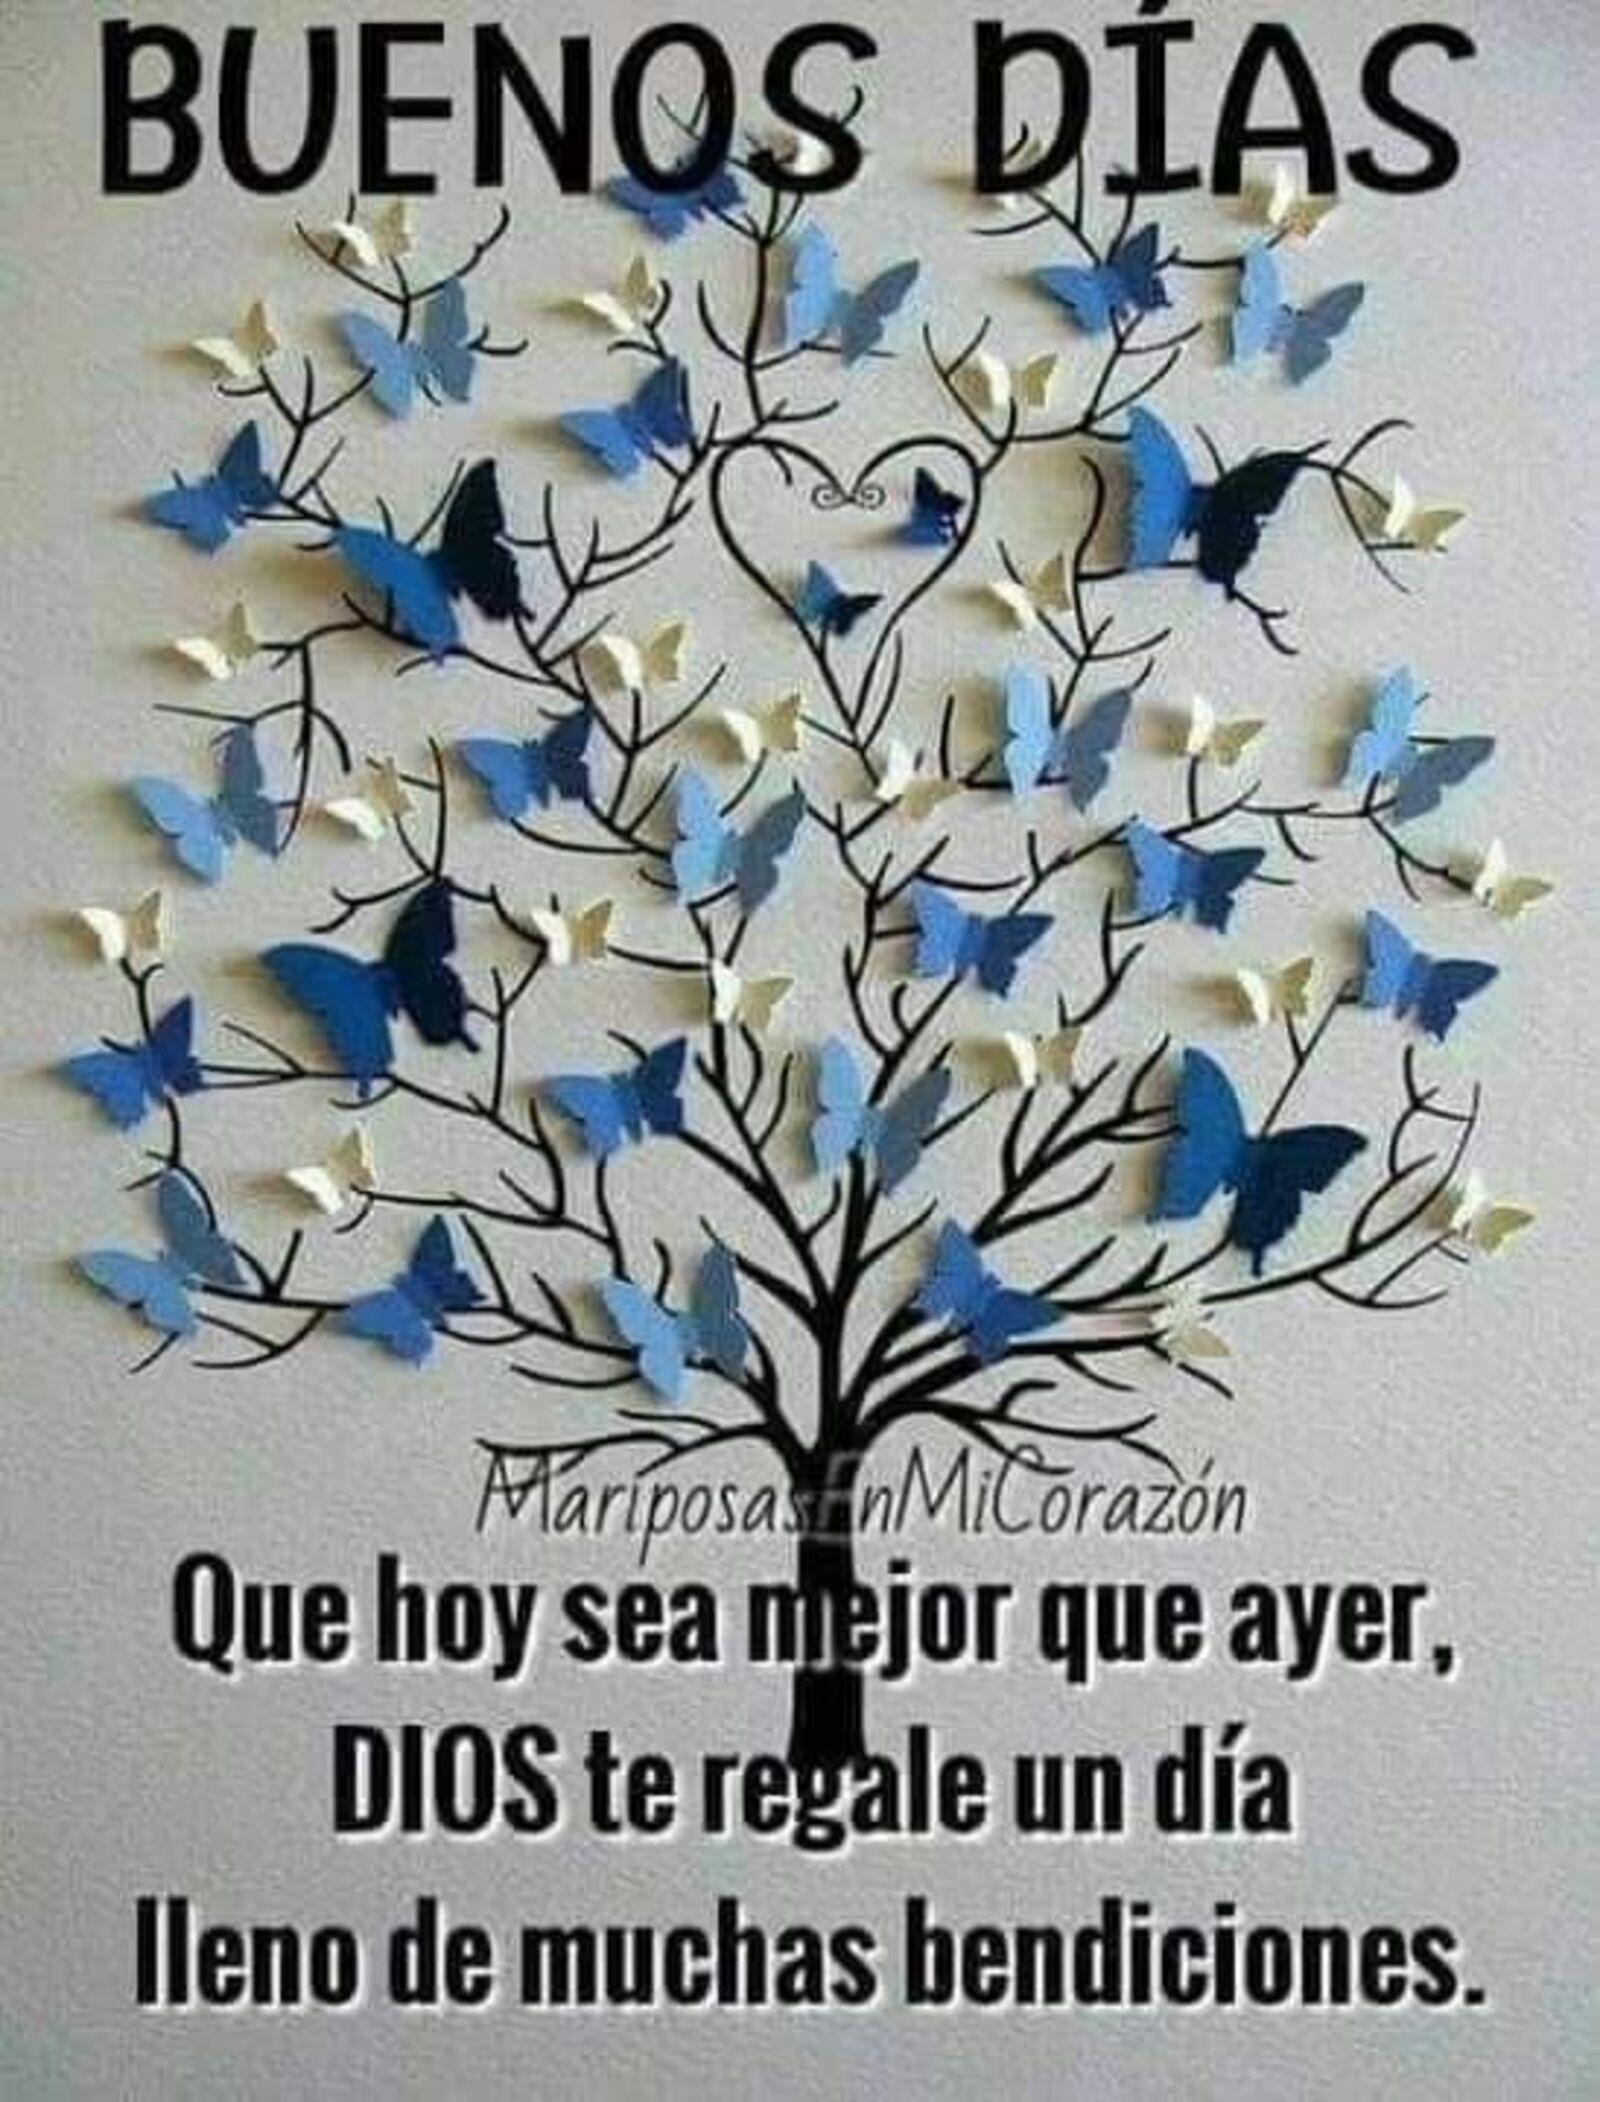 Buenos Días. Que hoy sea mejor que ayer. Dios te regale un día lleno de muchas bendiciones.